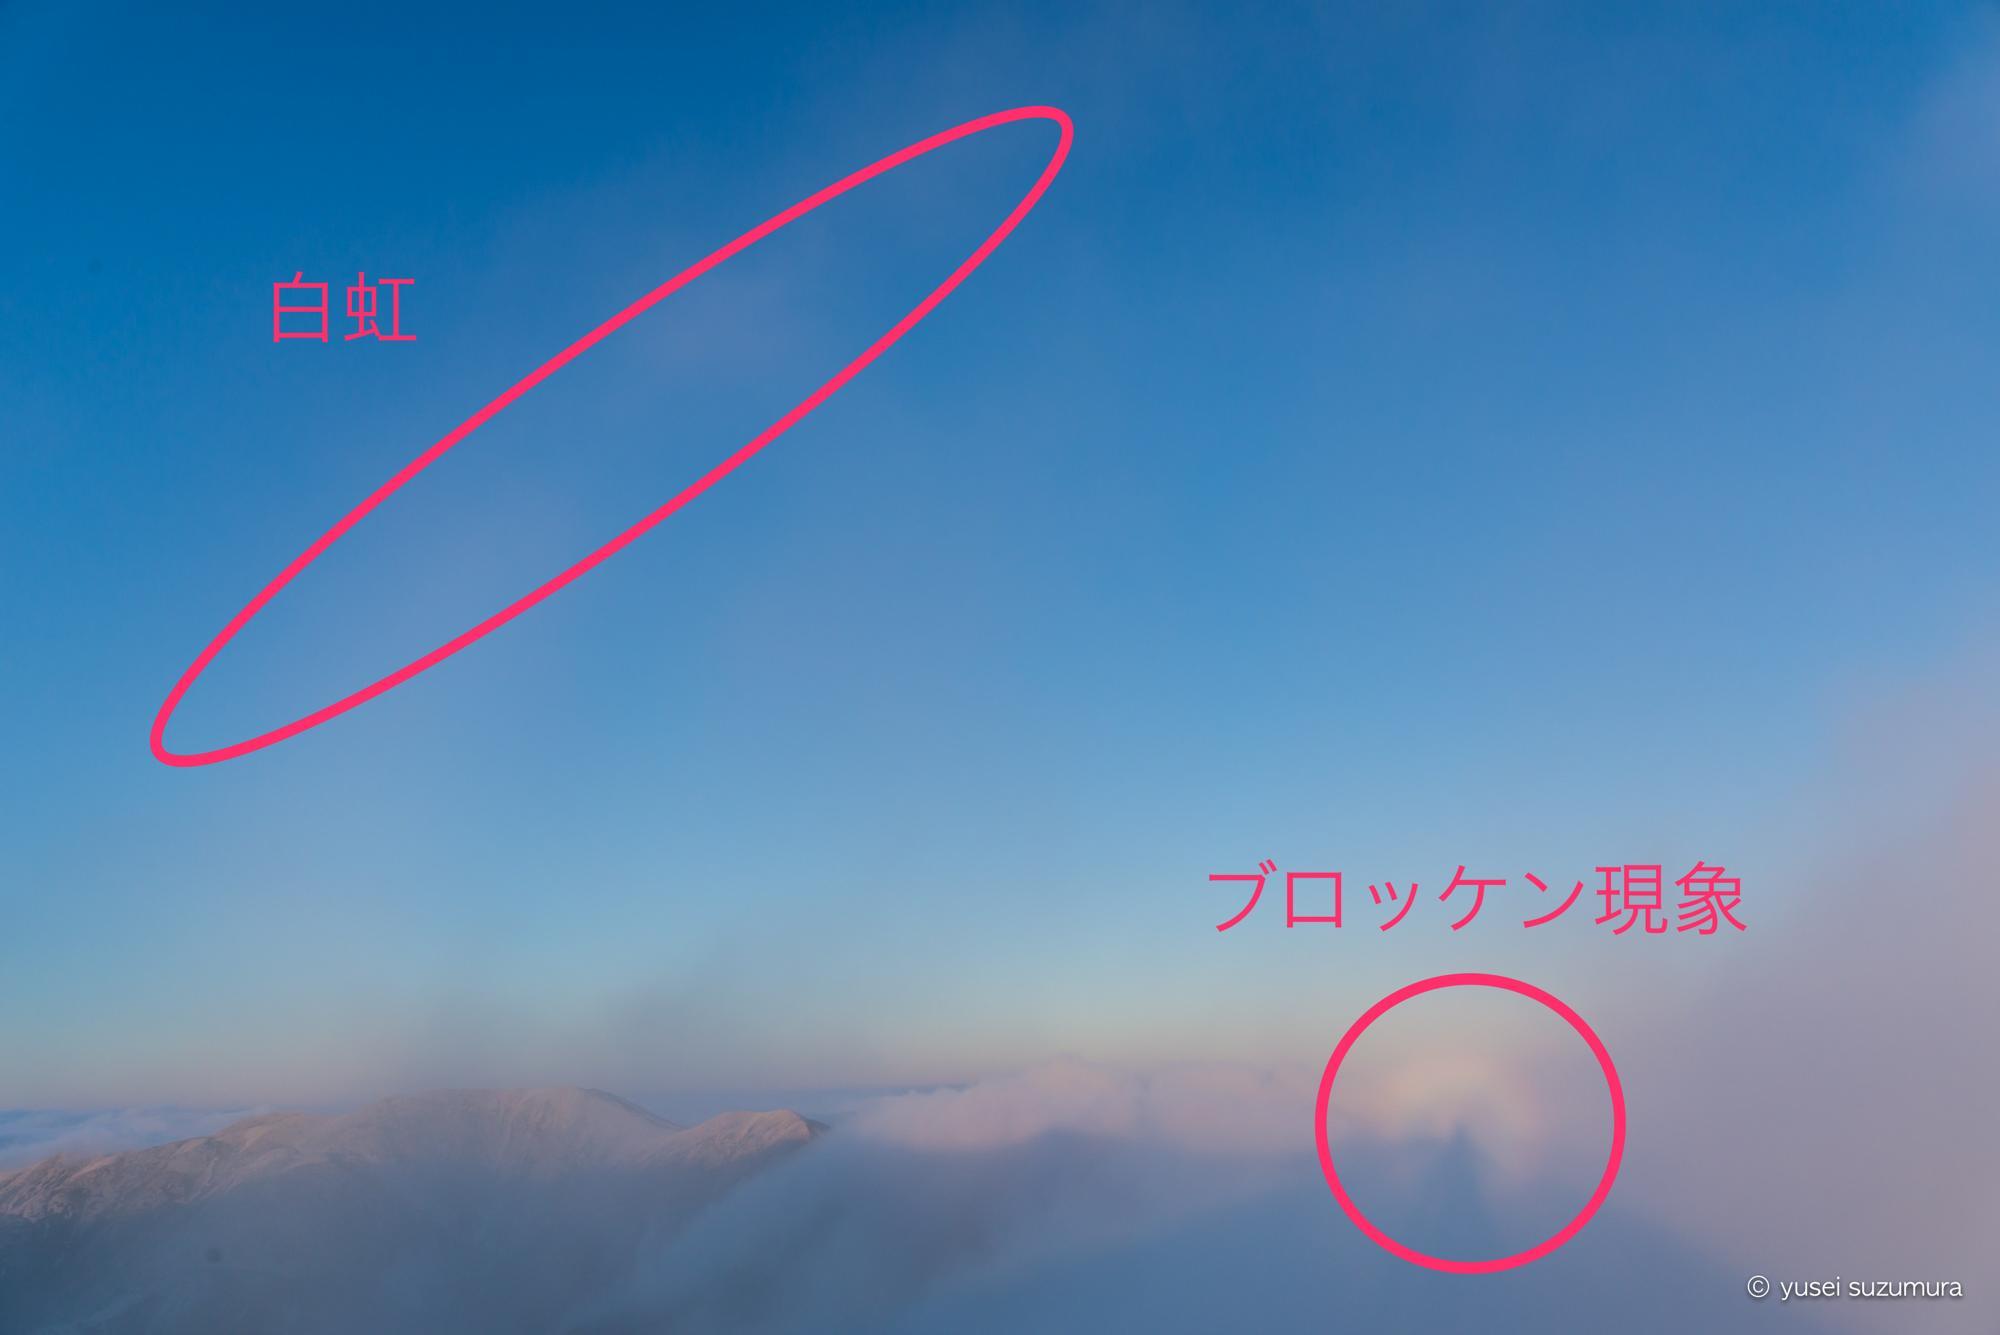 水晶小屋 ブロッケン現象 白虹